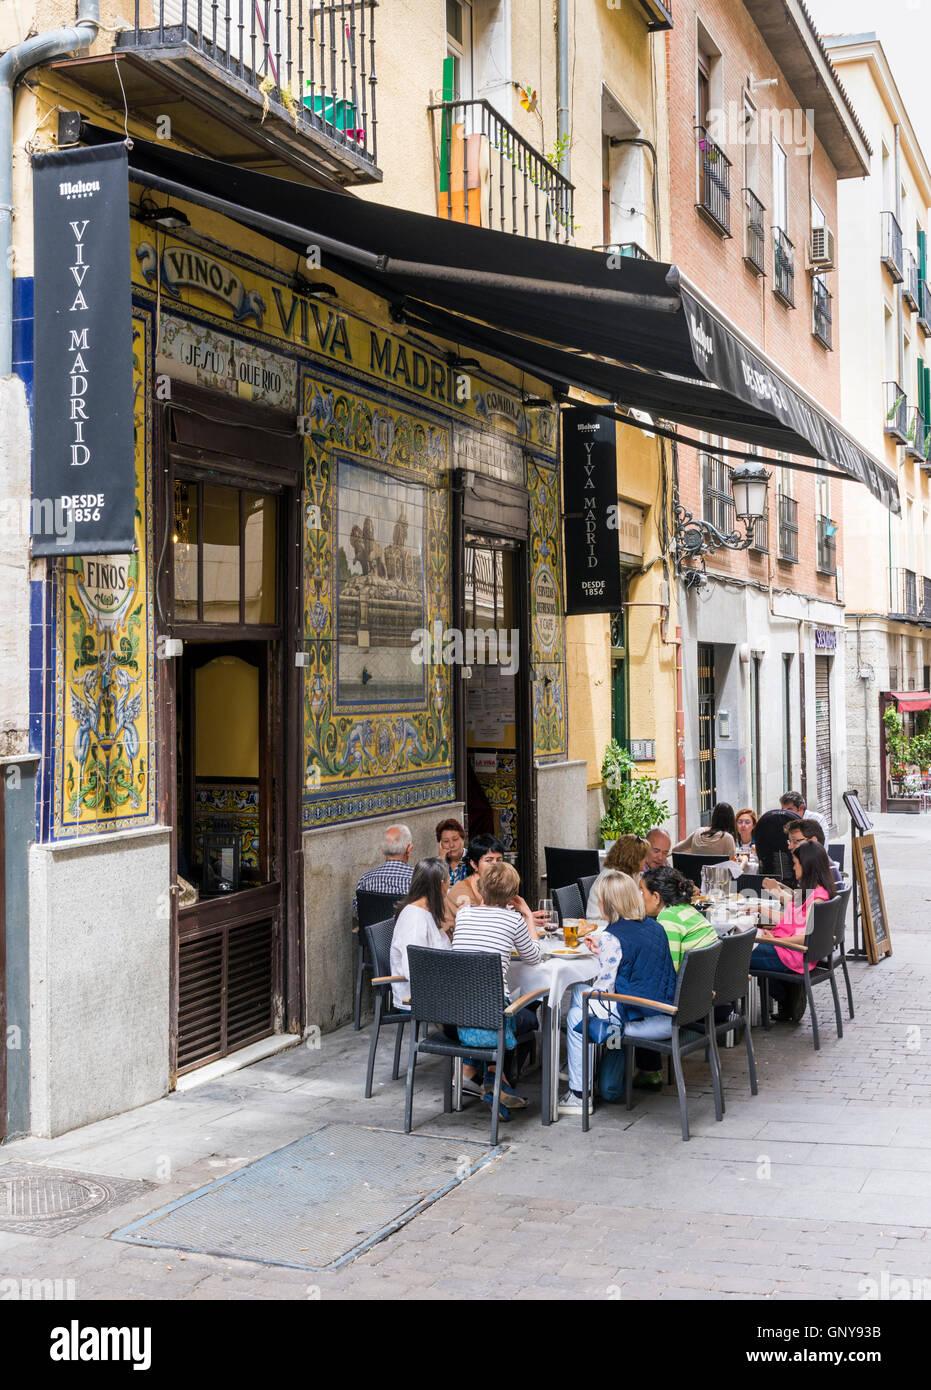 Persone sedute al di fuori del centro storico Viva Madrid ristorante nel quartiere di Huertas, Madrid, Spagna Immagini Stock